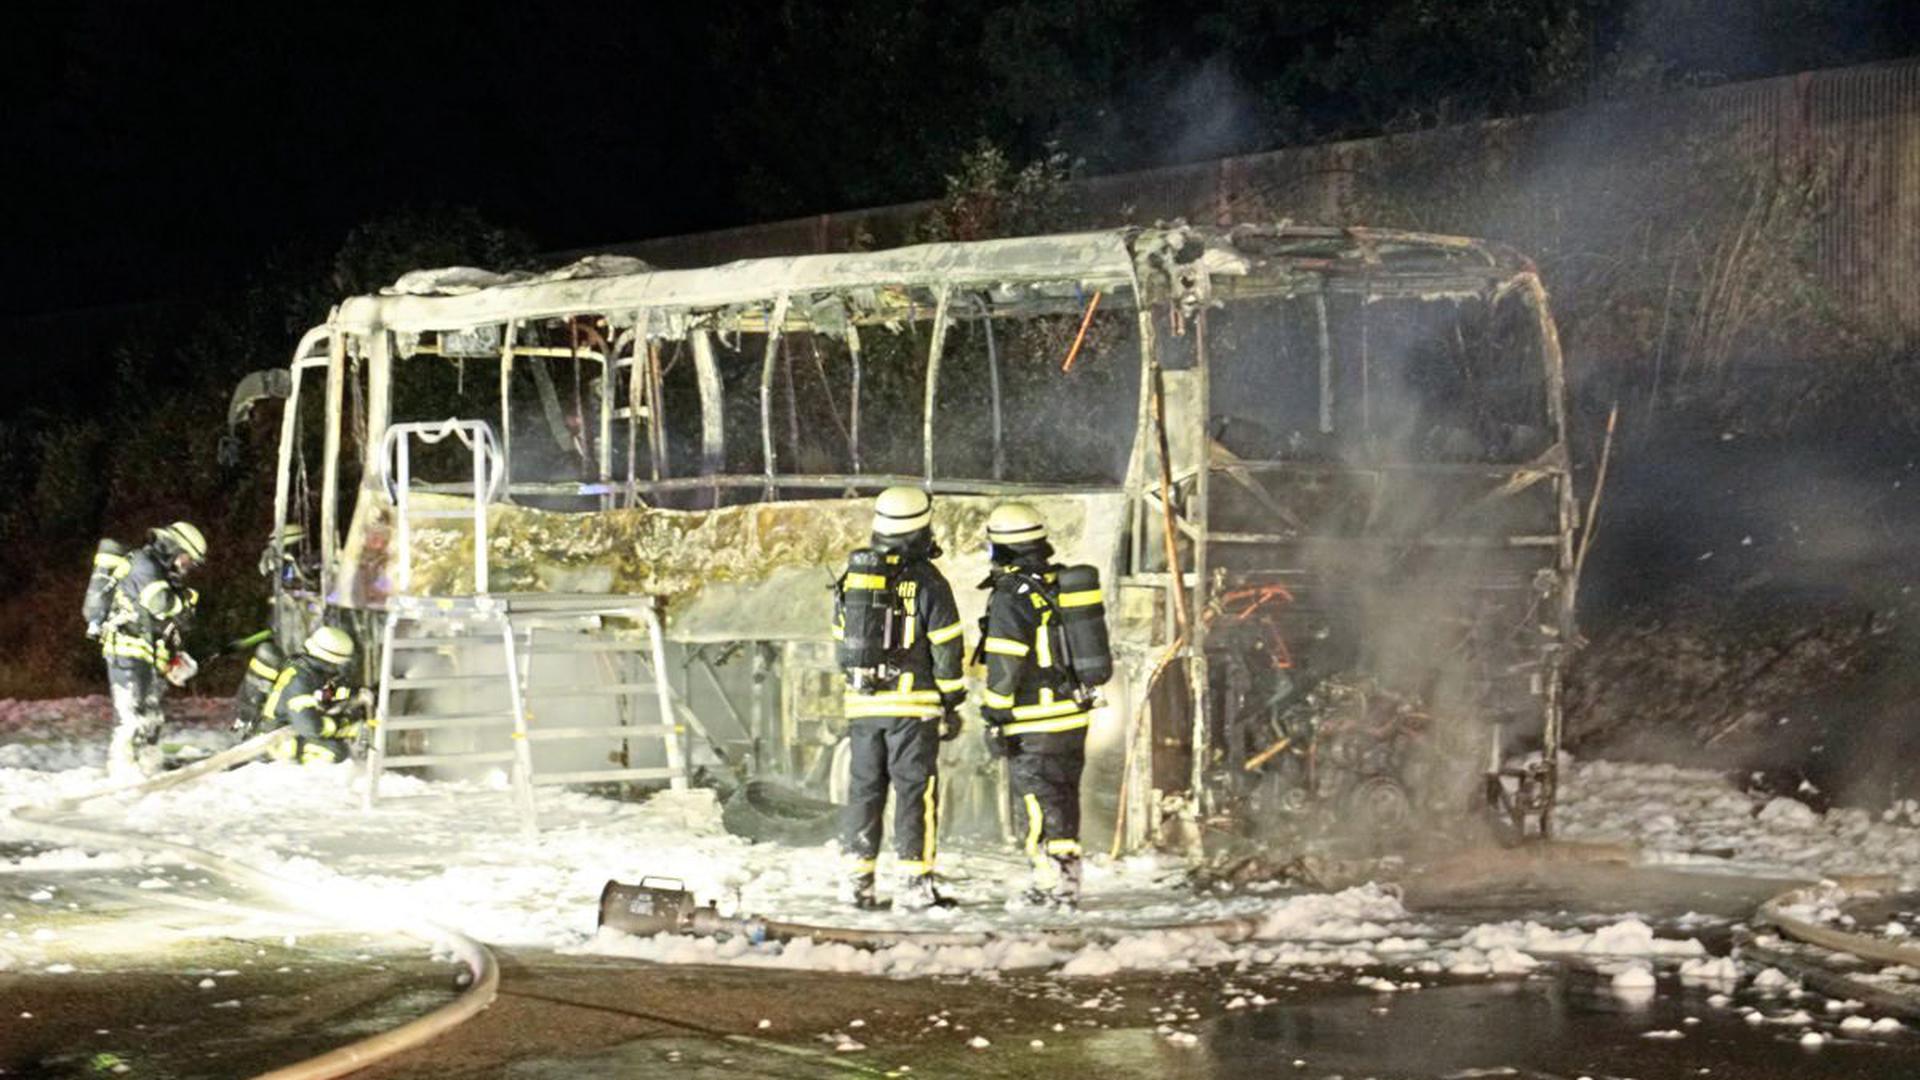 Da der Fahrer des Busses den Brand rechtzeitig bemerkte, blieben alle Fahrgäste unverletzt.